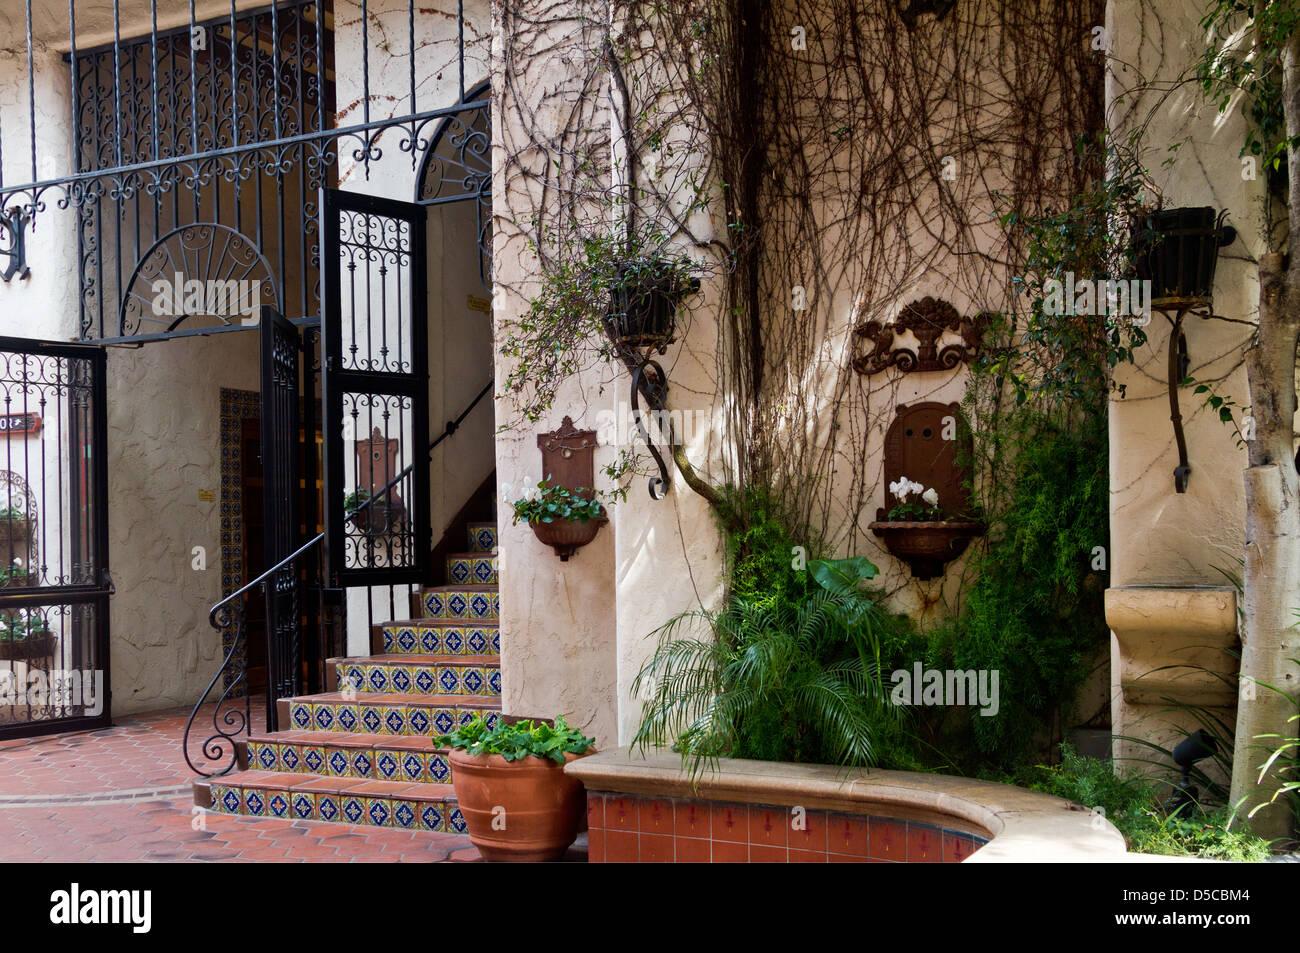 Un bâtiment de style espagnol décoration luxuriante à Santa Barbara, Californie Photo Stock